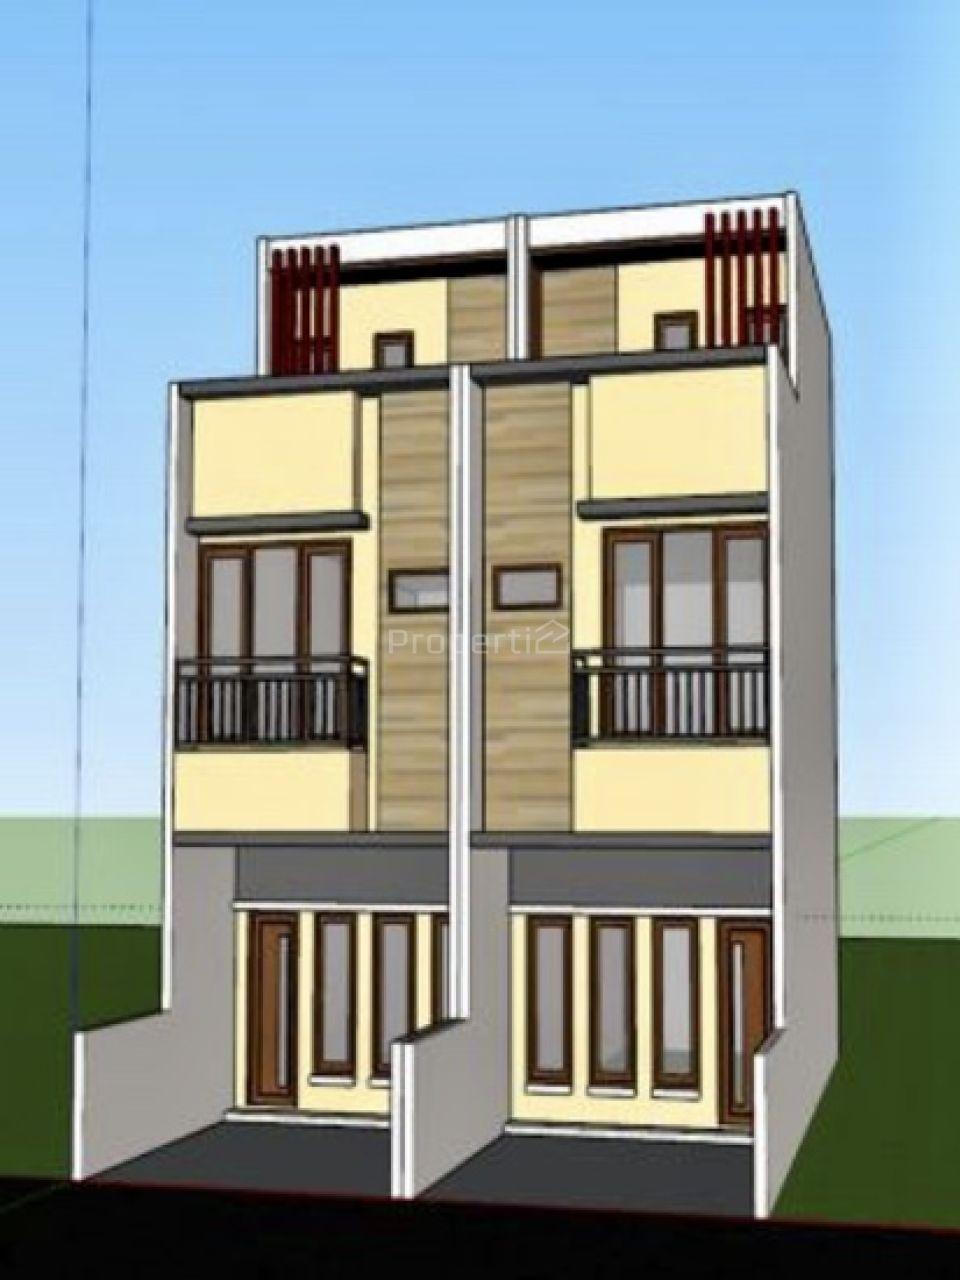 Rumah 2,5 Lantai di Duri Kepa, Jakarta Barat, DKI Jakarta